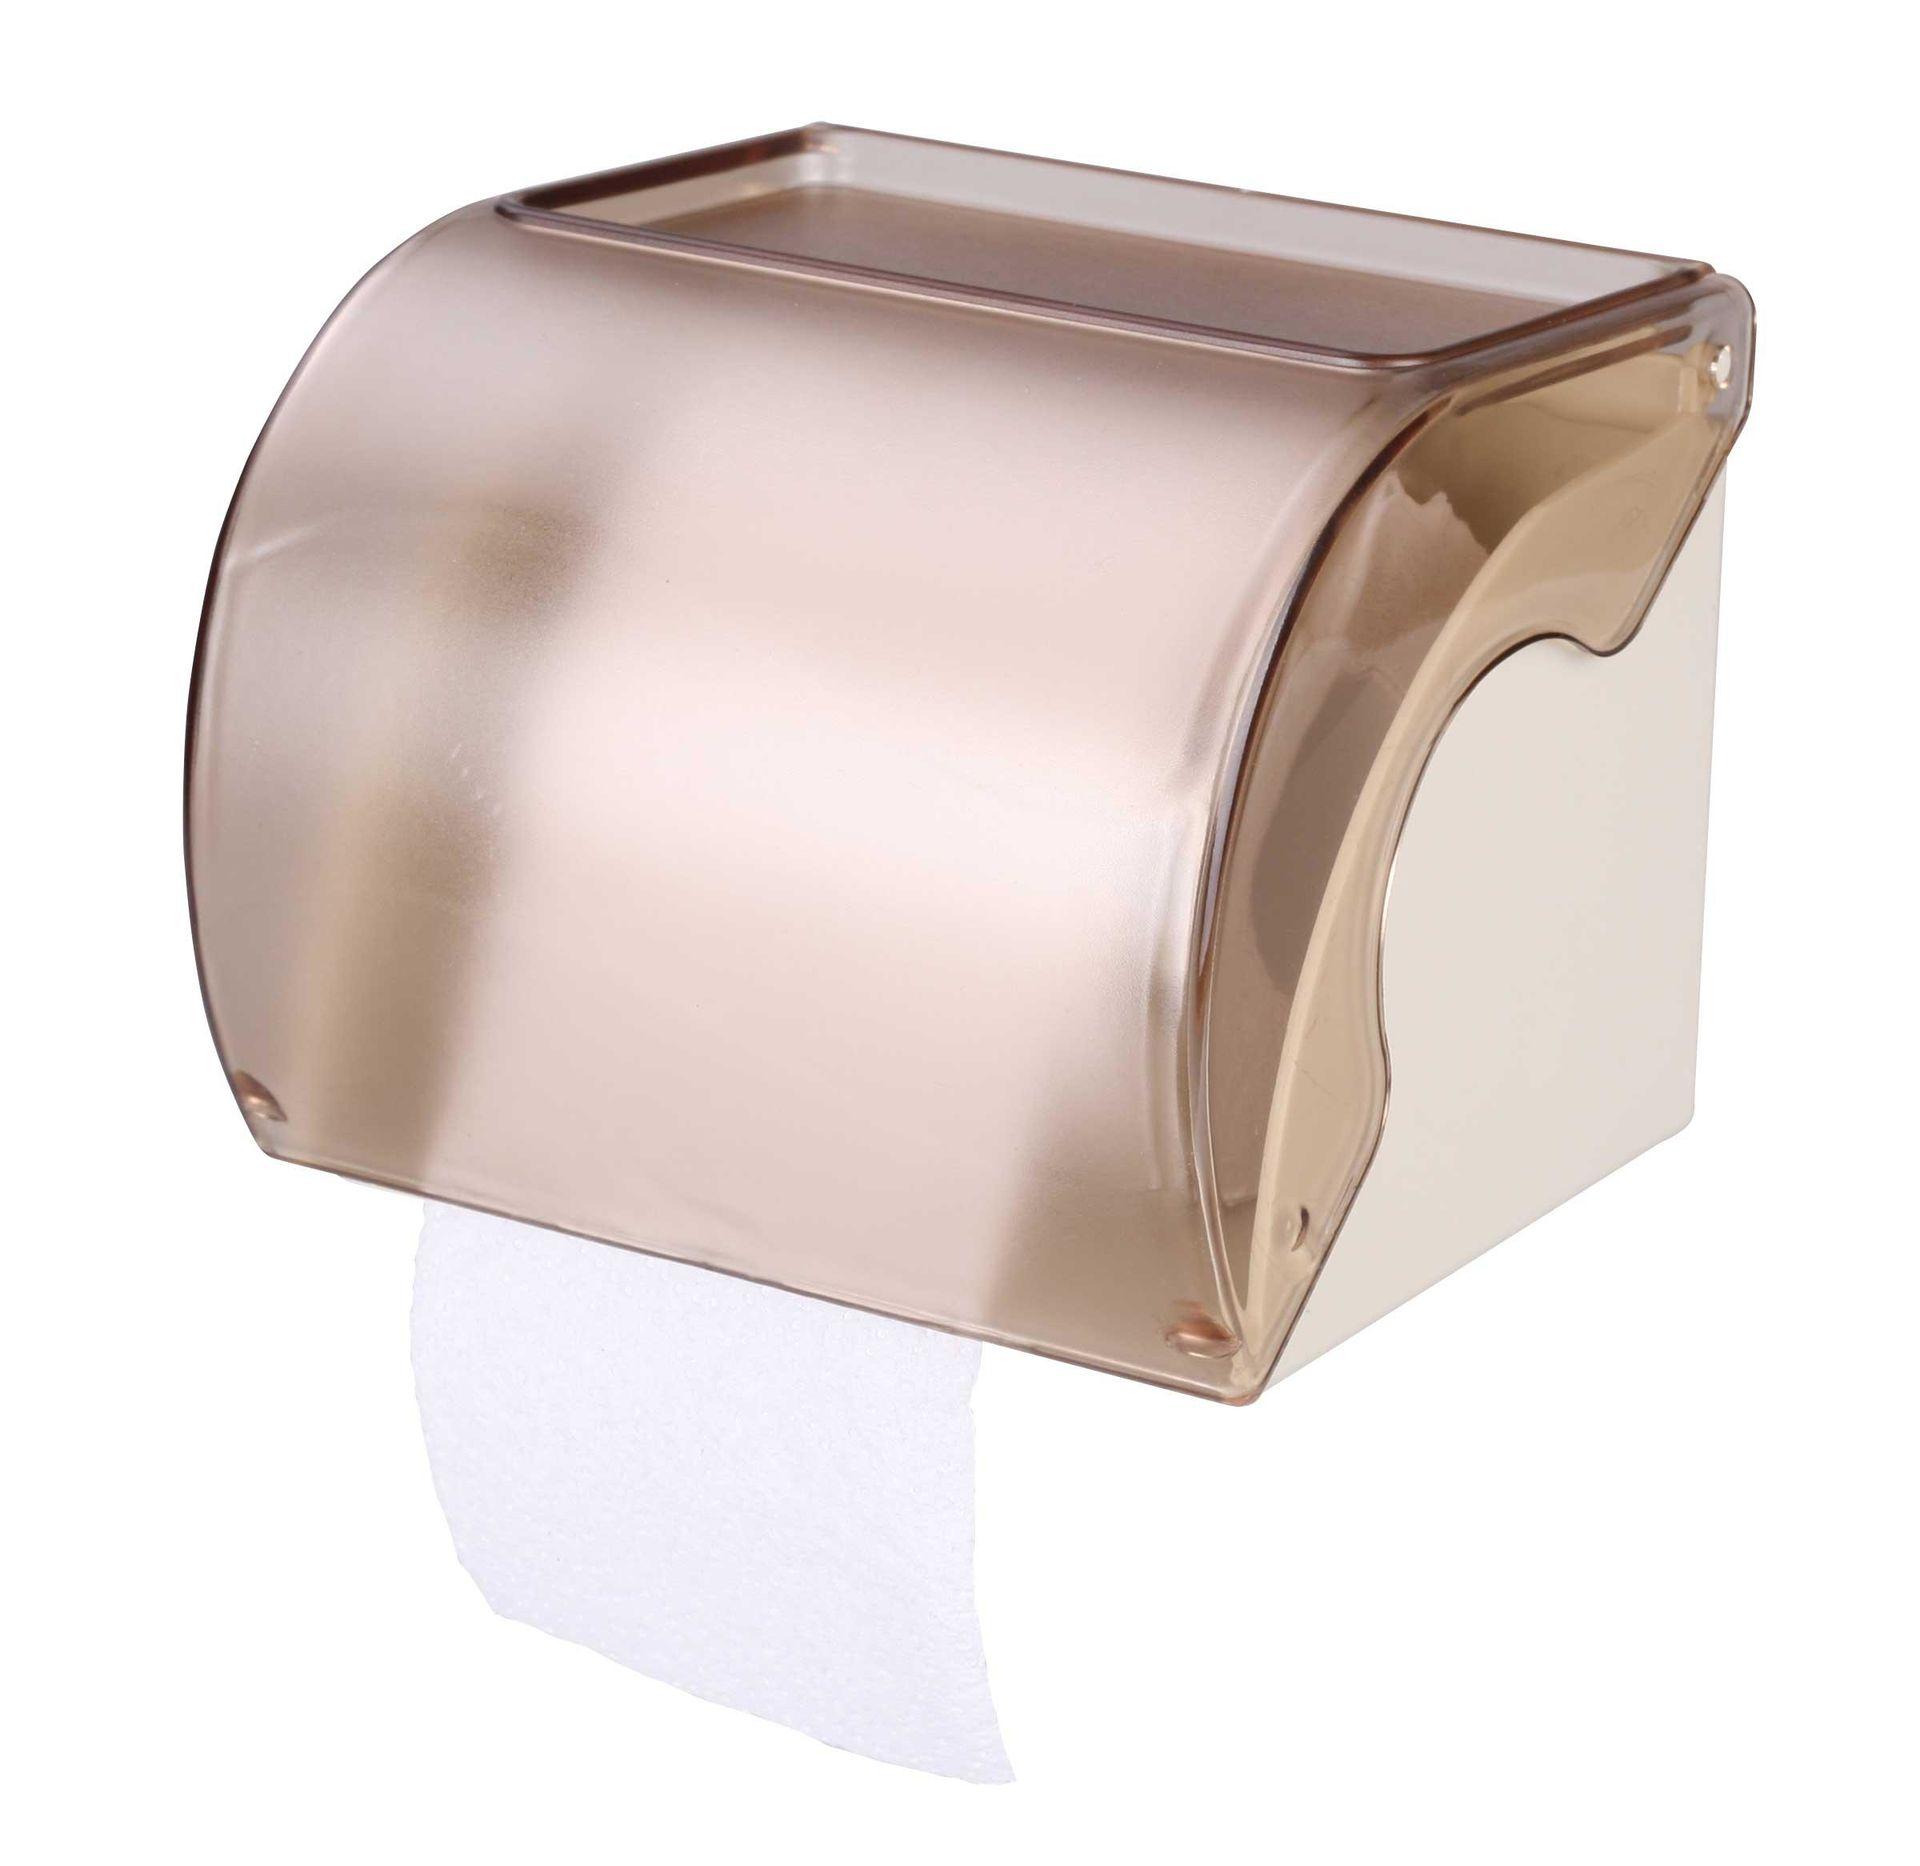 Держатель для туалетной бумаги Альтернатива М6583